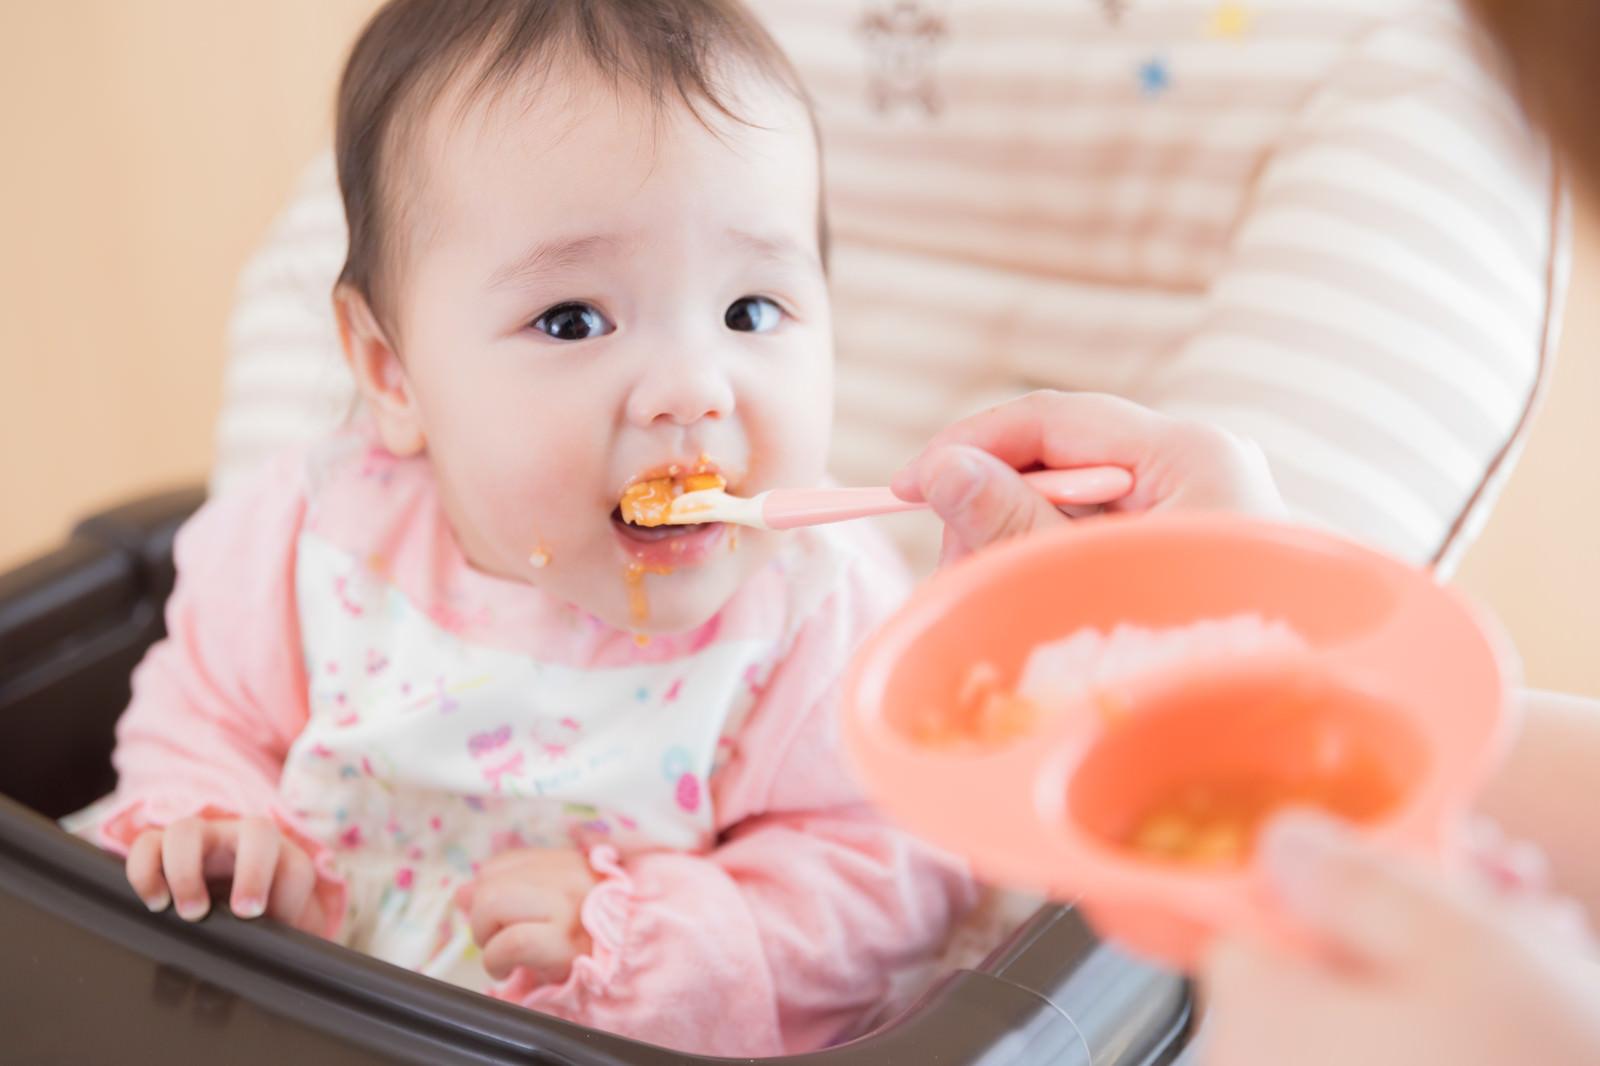 「離乳食を食べ始める生後7ヶ月」の写真[モデル:めぐな]